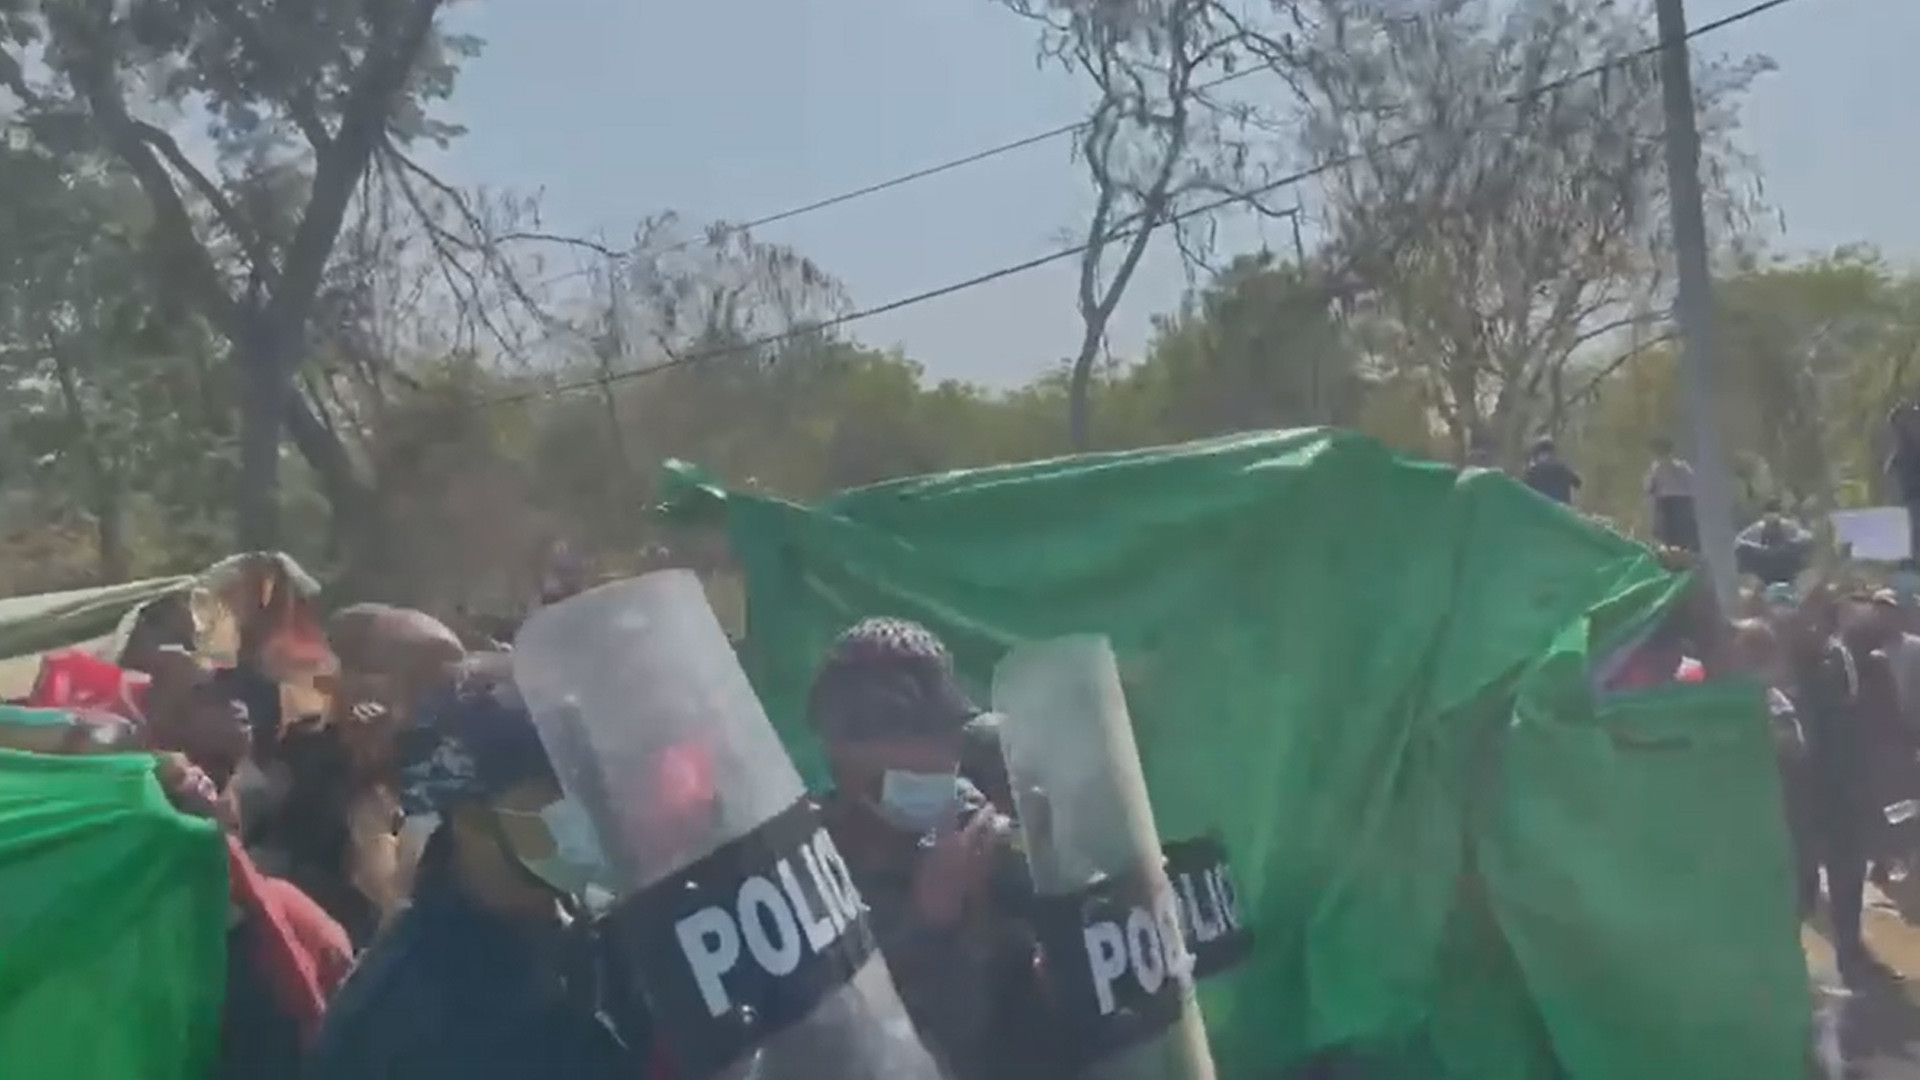 ในการสลายชุมนุมด้วยรถฉีดน้ำเมื่อ 9 ก.พ. 64 ที่เมืองมะกเว ภาคมะกเว มีตำรวจถอนกำลังมาตั้งโล่อยู่ฝั่งผู้ชุมนุม ทำให้ผู้ชุมนุมโห่ร้อง และตำรวจต้องยุติการใช้รถฉีดน้ำ